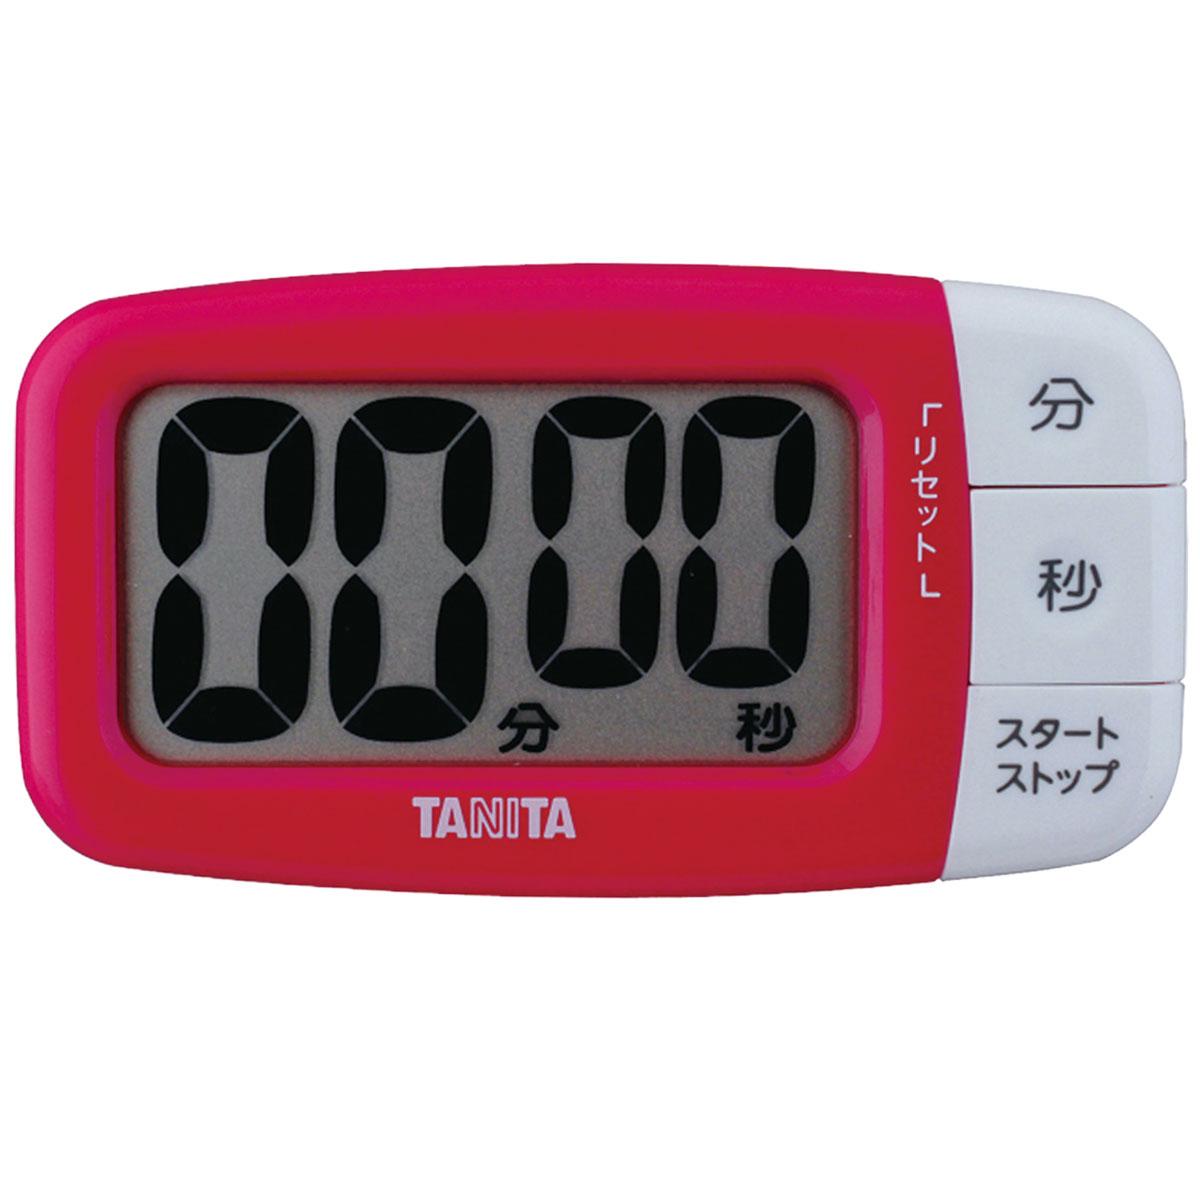 タニタ でか見えタイマー TD-394